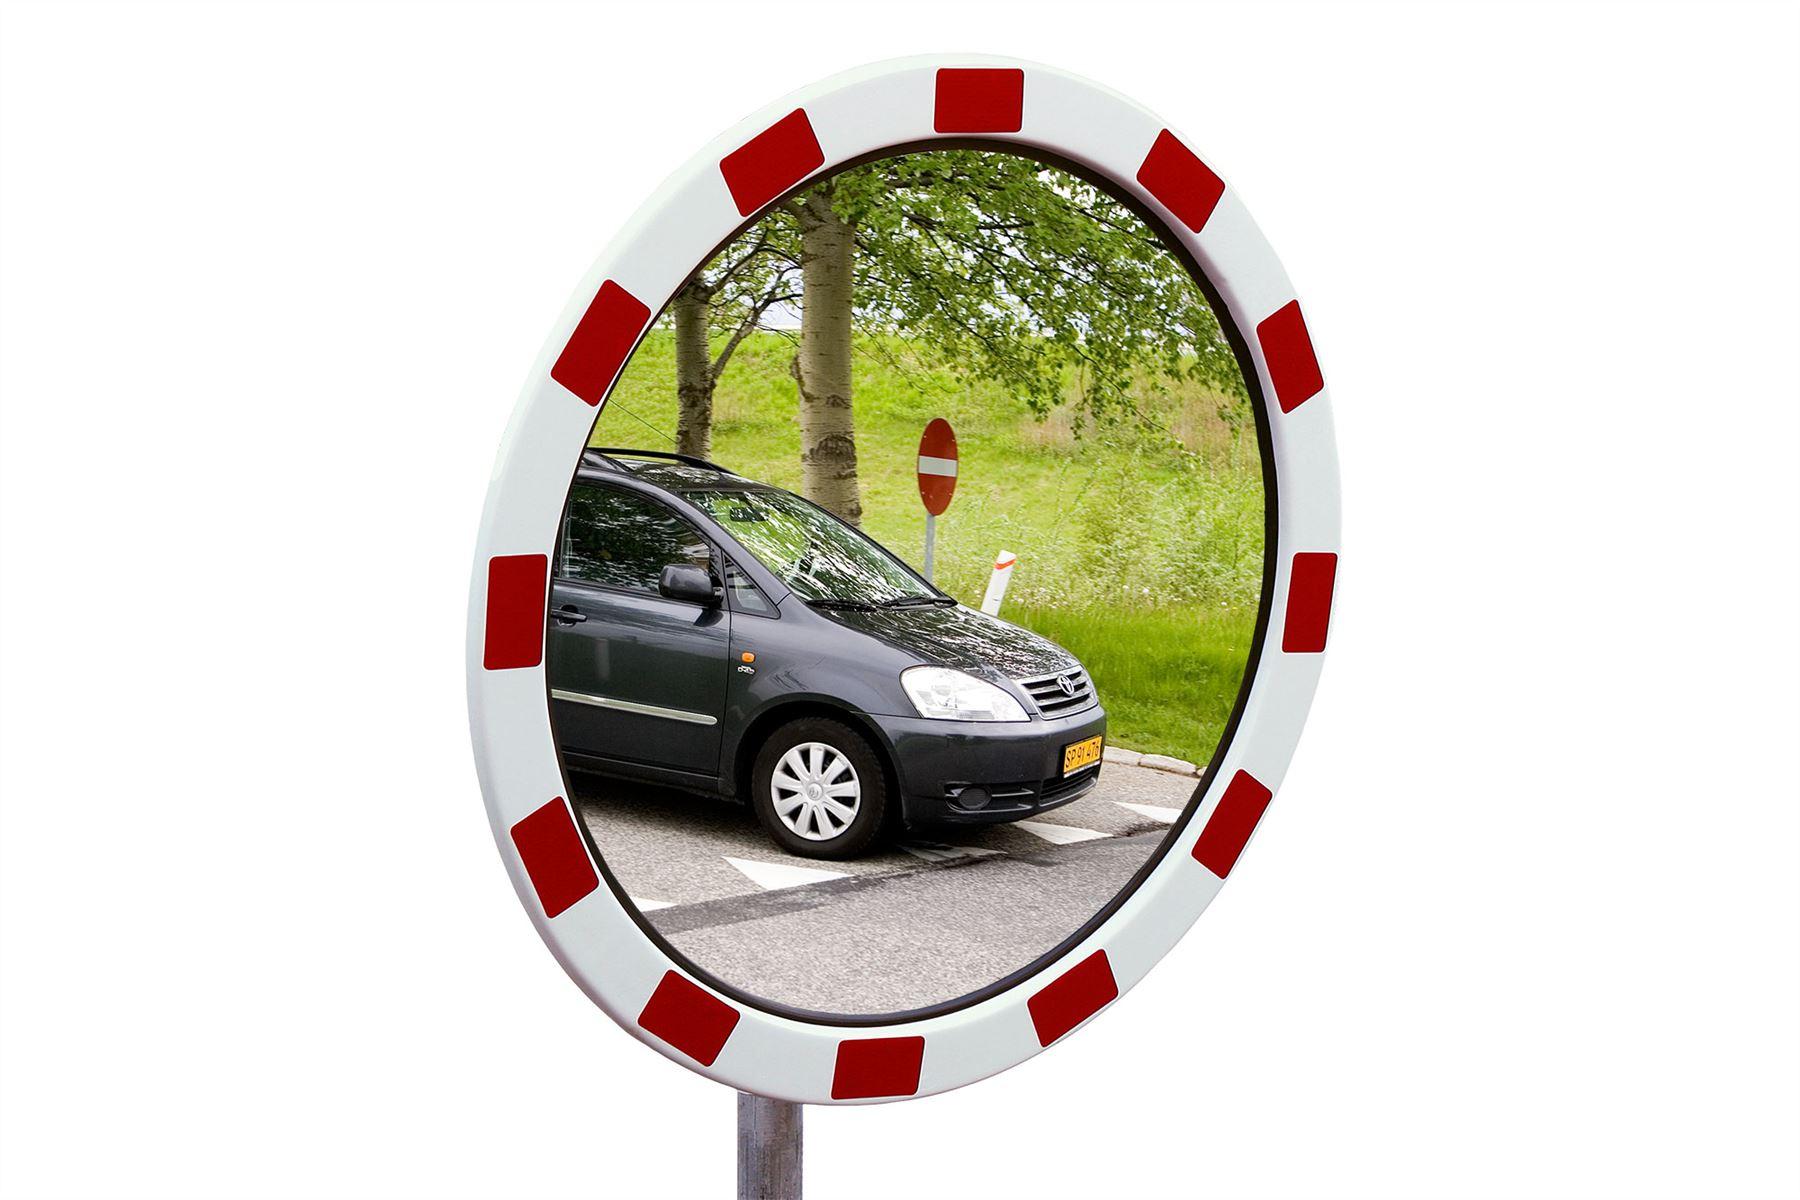 Miroir de s curit standard acier inoxydable ebay for Force de miroir ebay